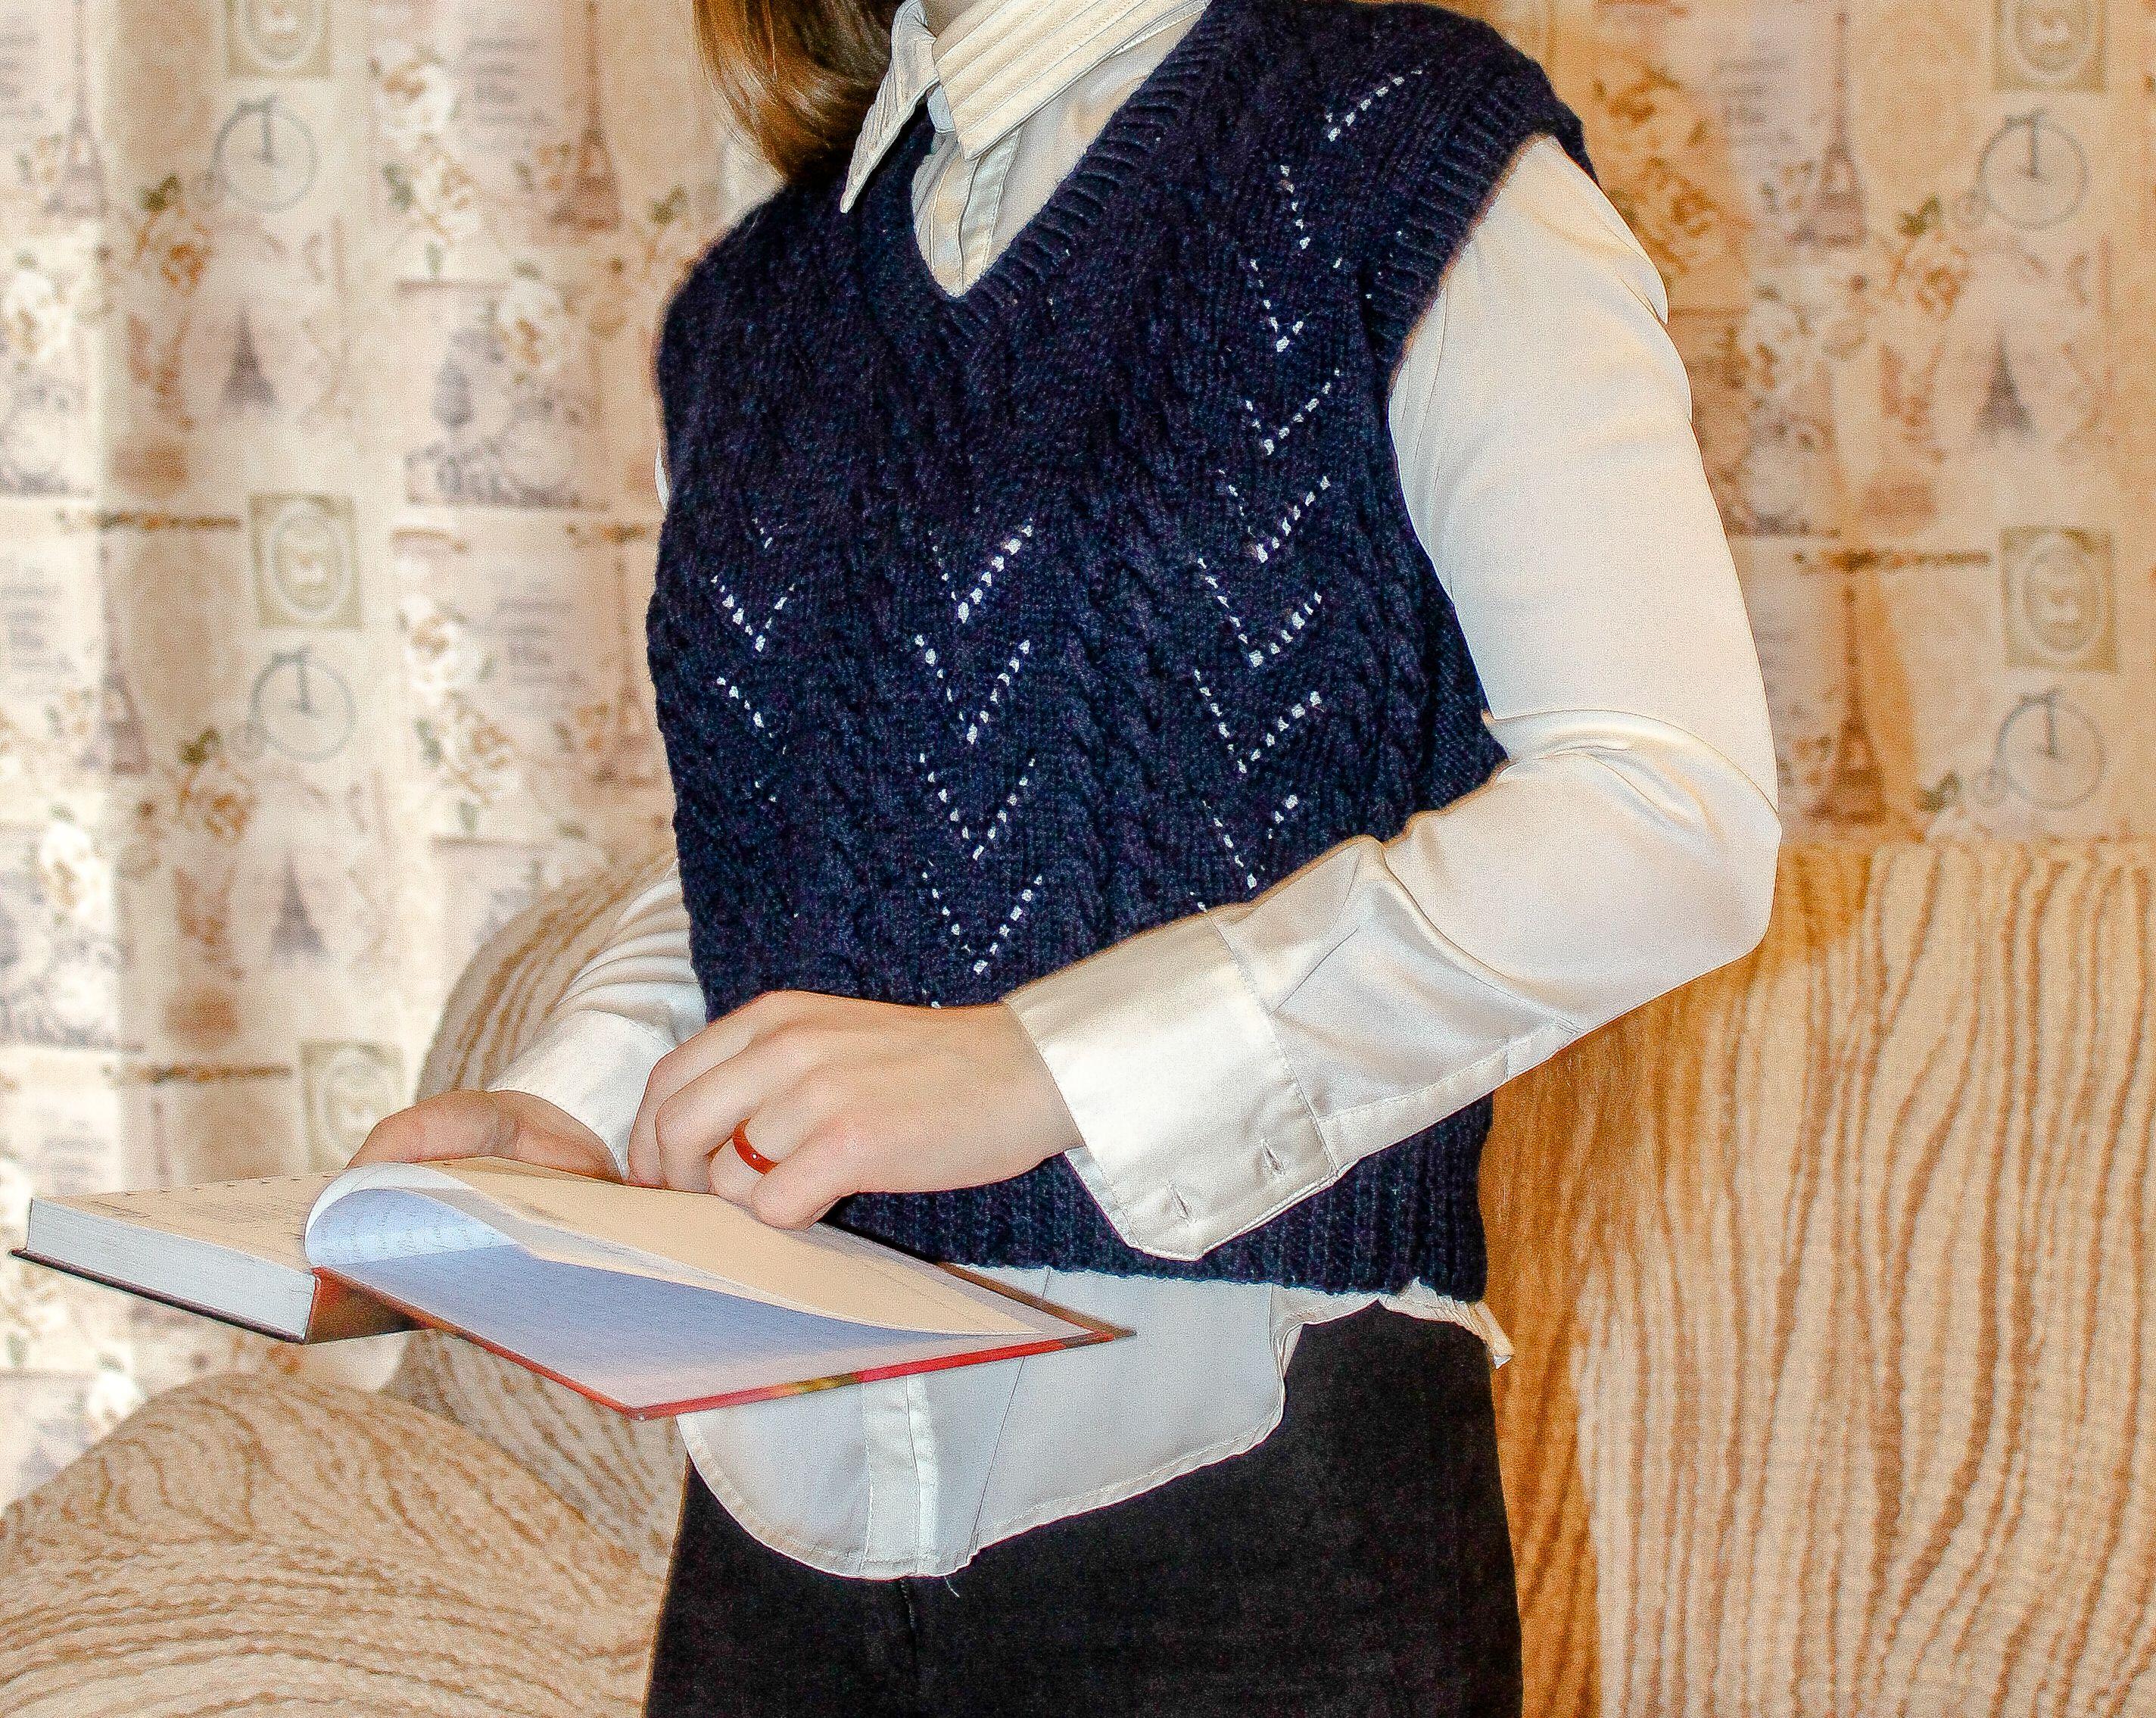 спицами тёмно жилет шерсти женский knitted для vest девочки buy заказ вязание купить женщин подарок вязаные синий вязаный женщине вещи